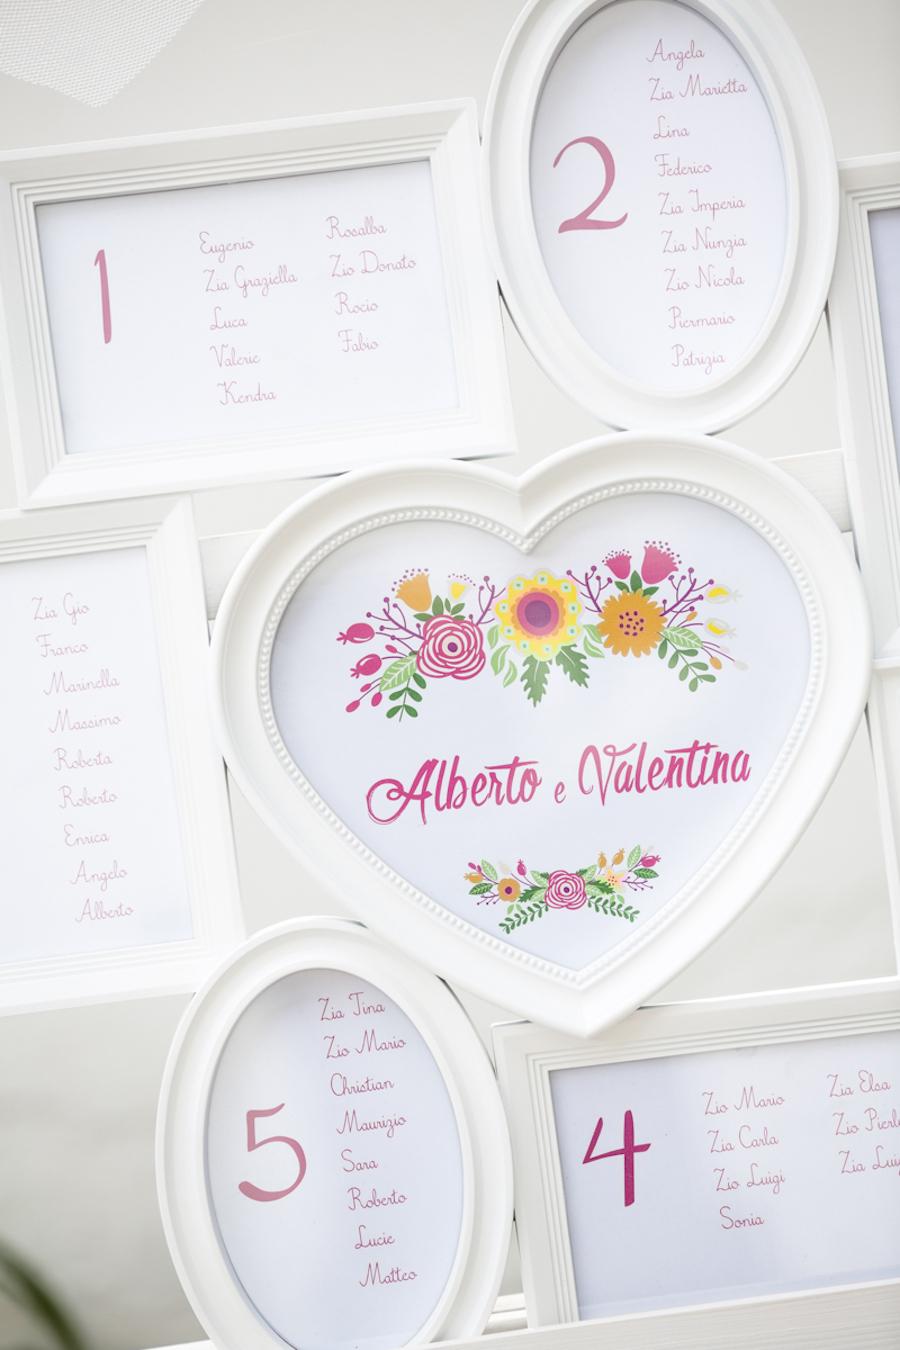 matrimonio-colorato-con-fenicotteri-matrimonio-adhoc-16